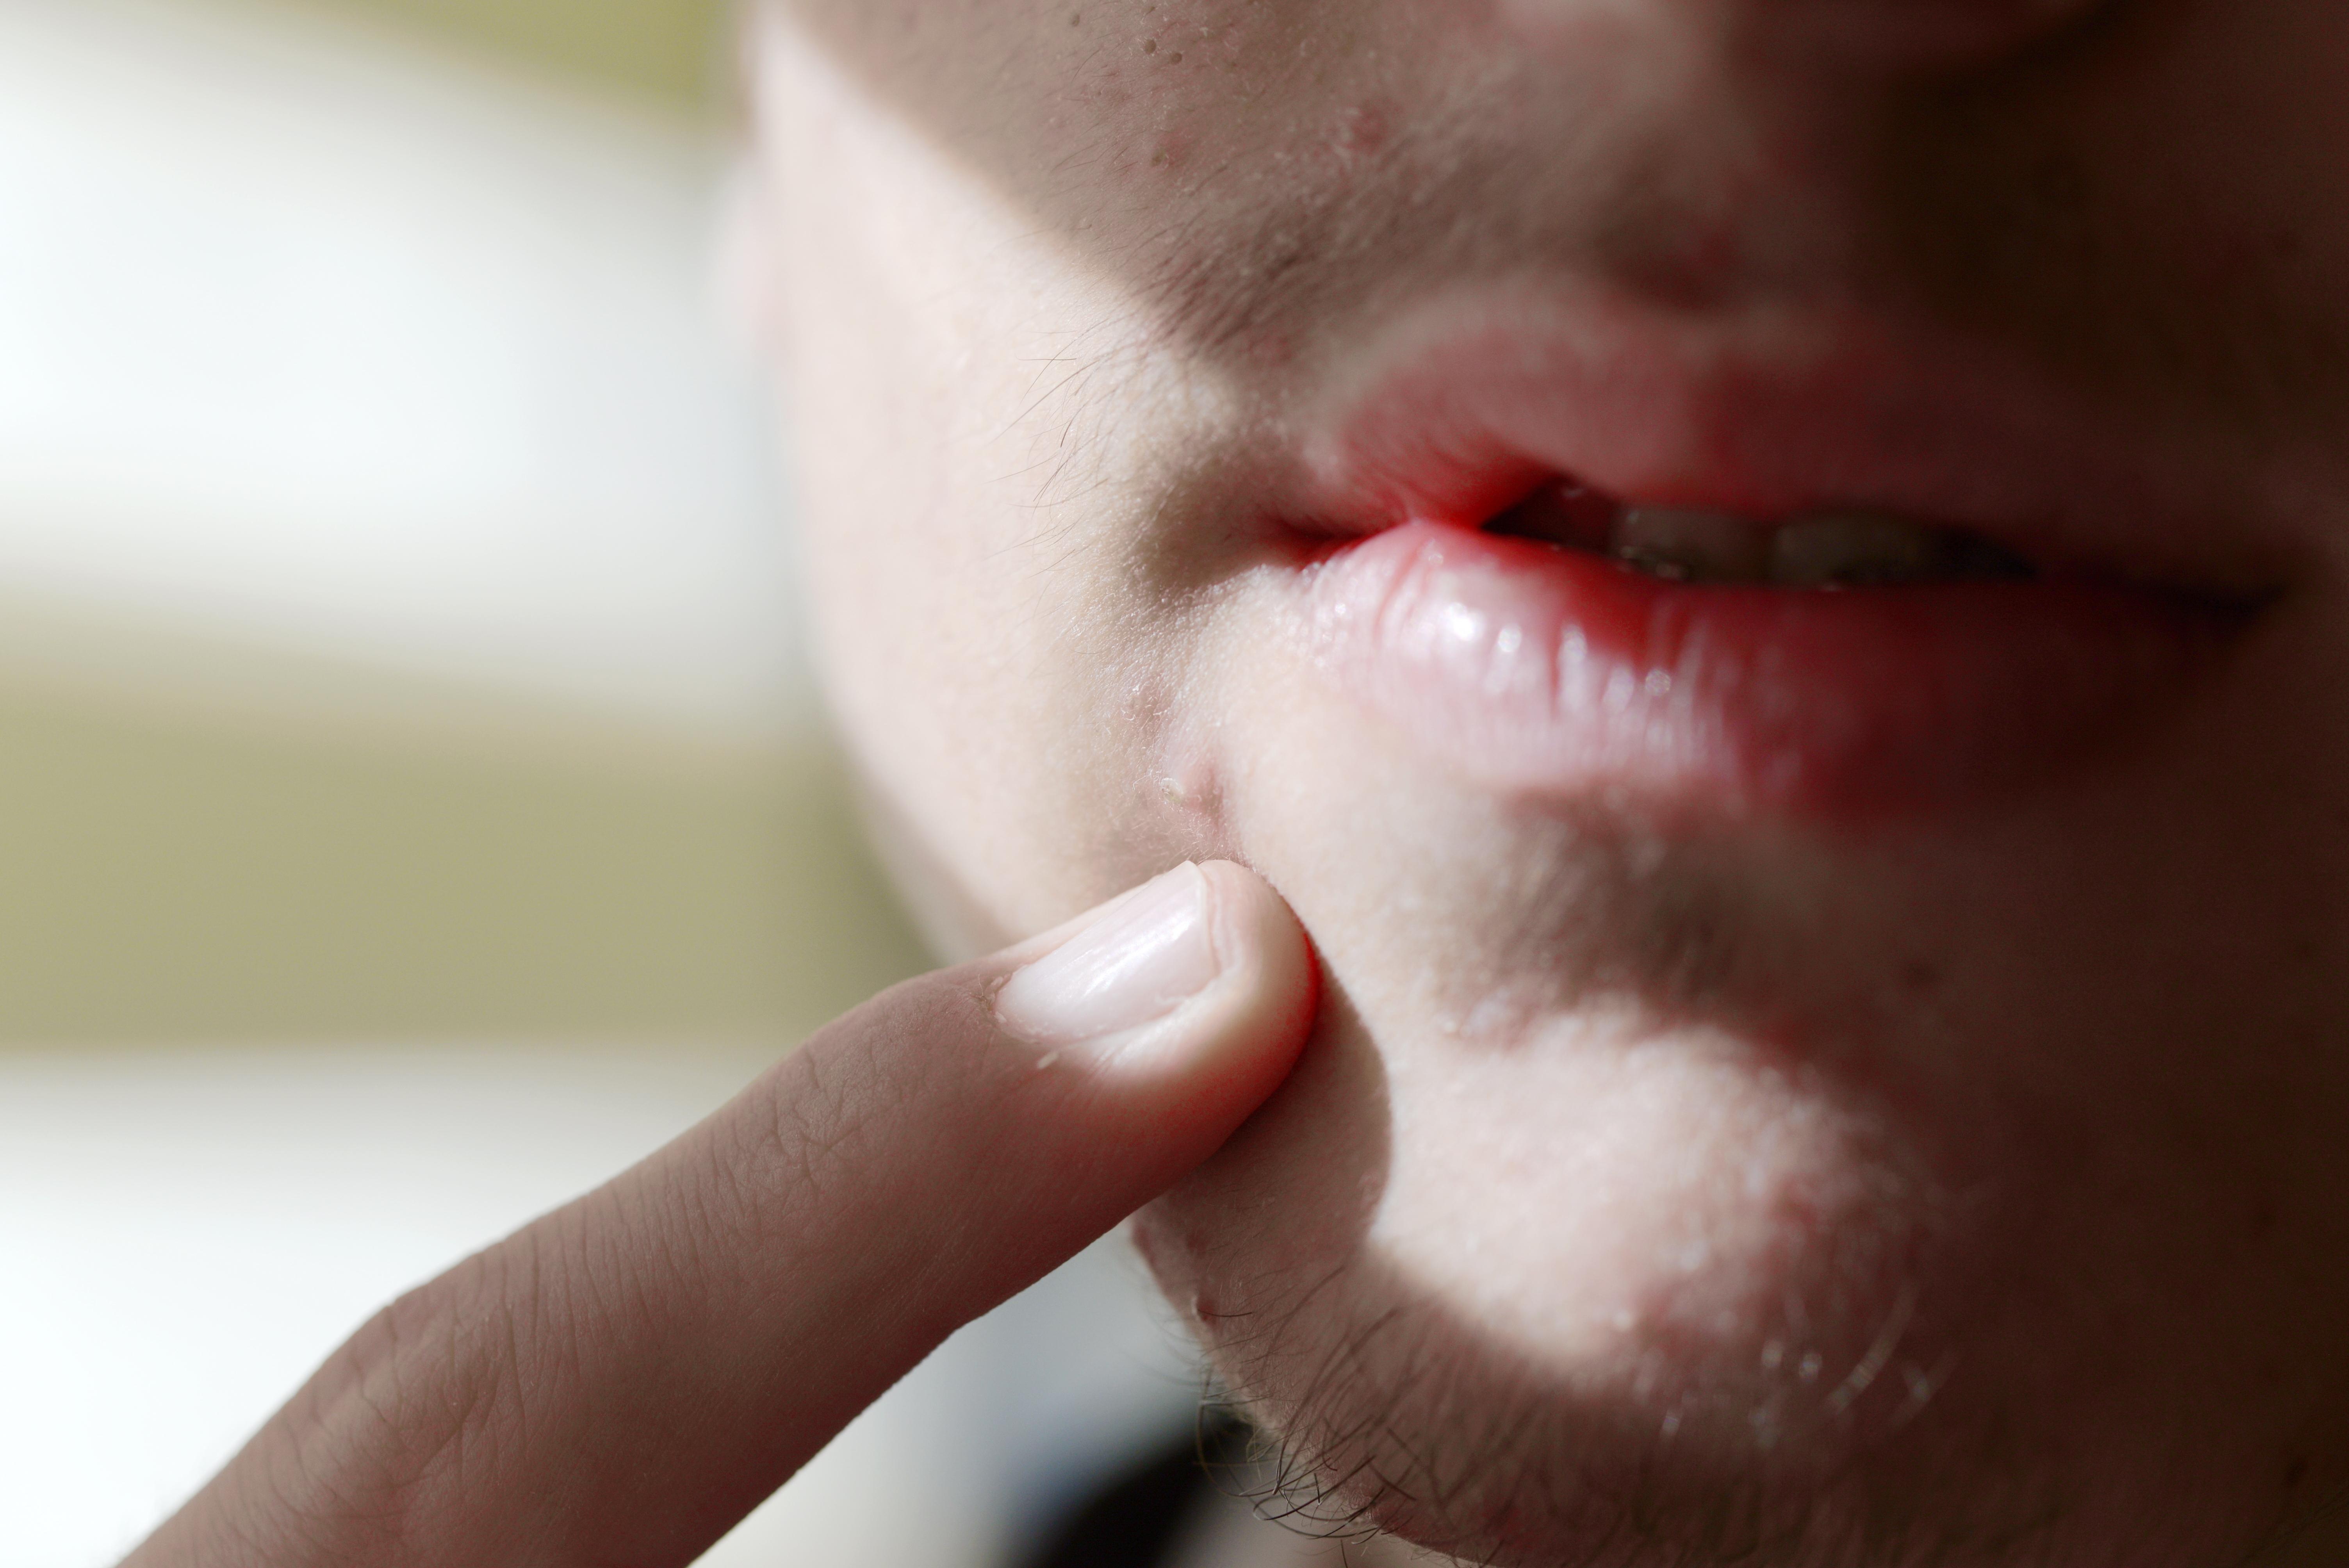 Oftast sitter akneutslagen i ansiktet, men ibland också på bröst eller rygg. De läker för det mesta utan att lämna ärr.